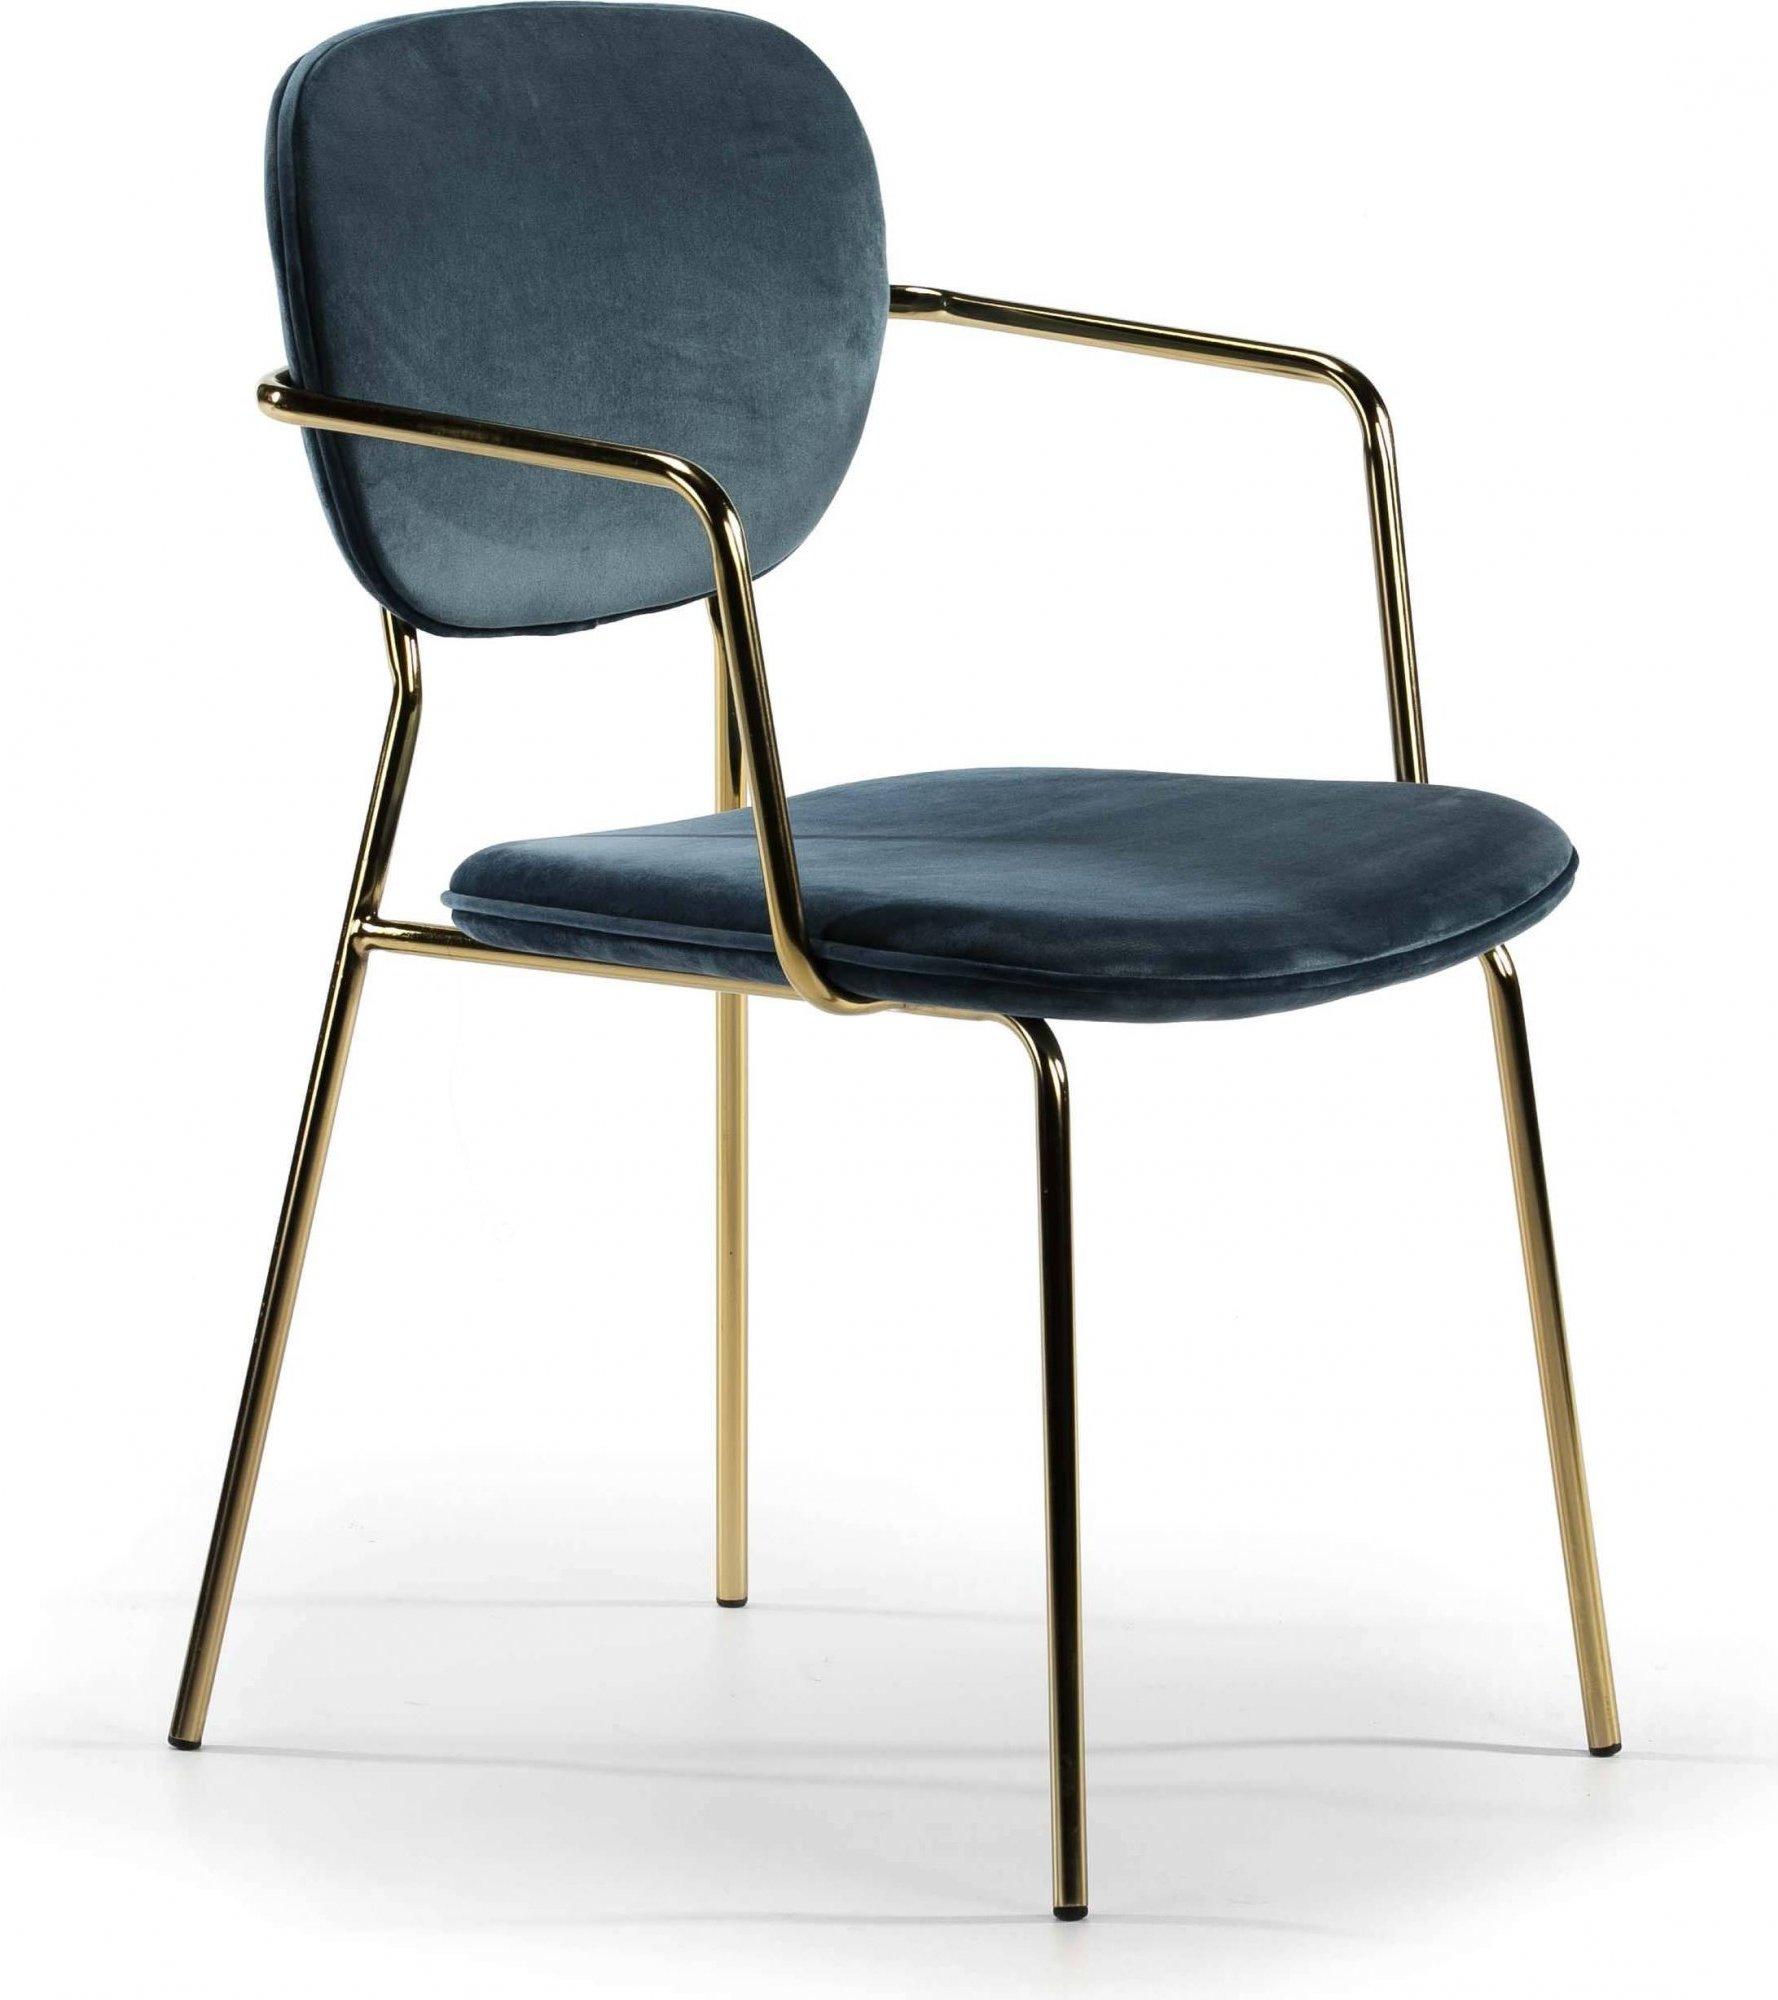 Chaise design rembourrée bleu pétrole pietement doré